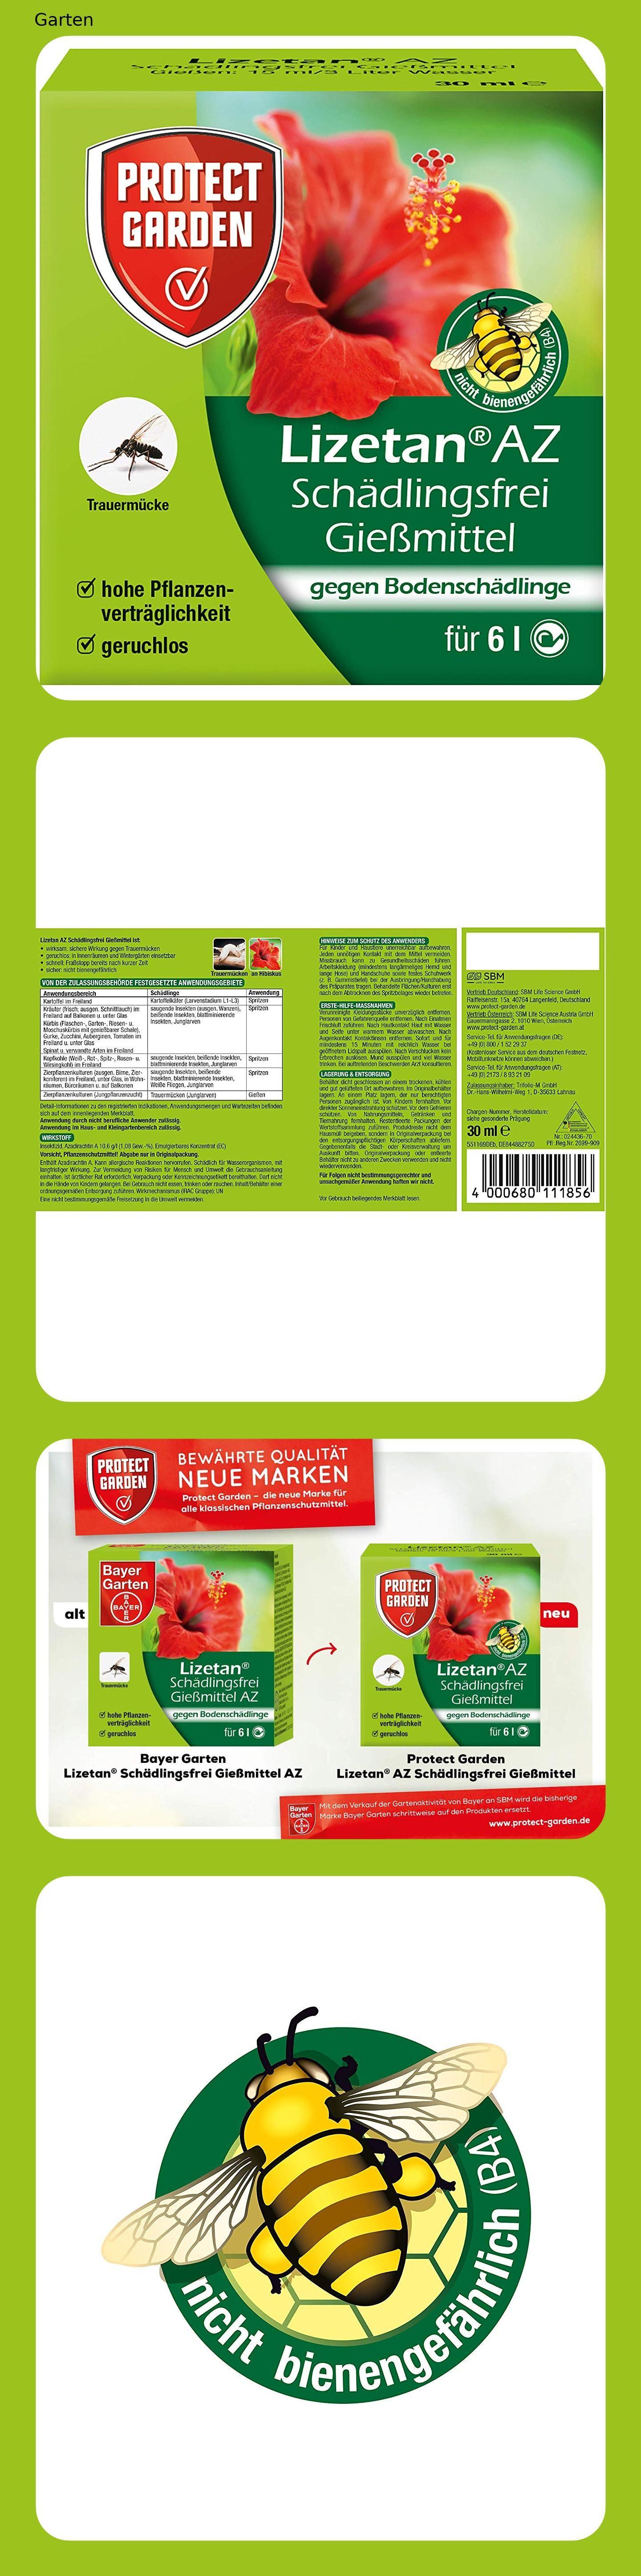 Protect Garden Lizetan Az Schadlingsfrei Giessmittel Ehem Bayer Garten Insektenabwehr Draussen 30 Ml In 2020 Schadlinge Garten Insekten